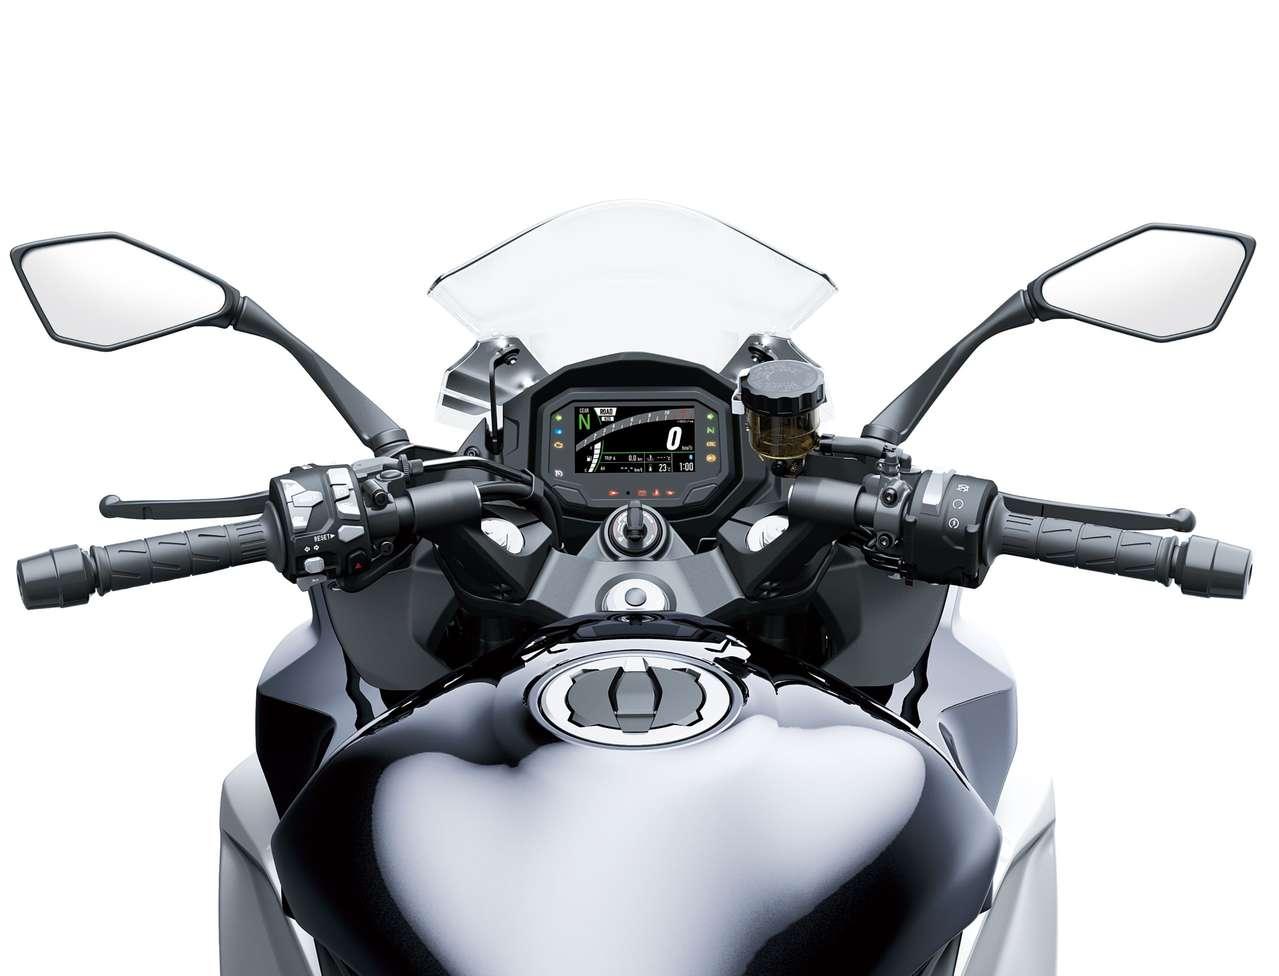 Das neue 4,3-Zoll-TFT-Display findet sich auch an der Ninja 1000SX